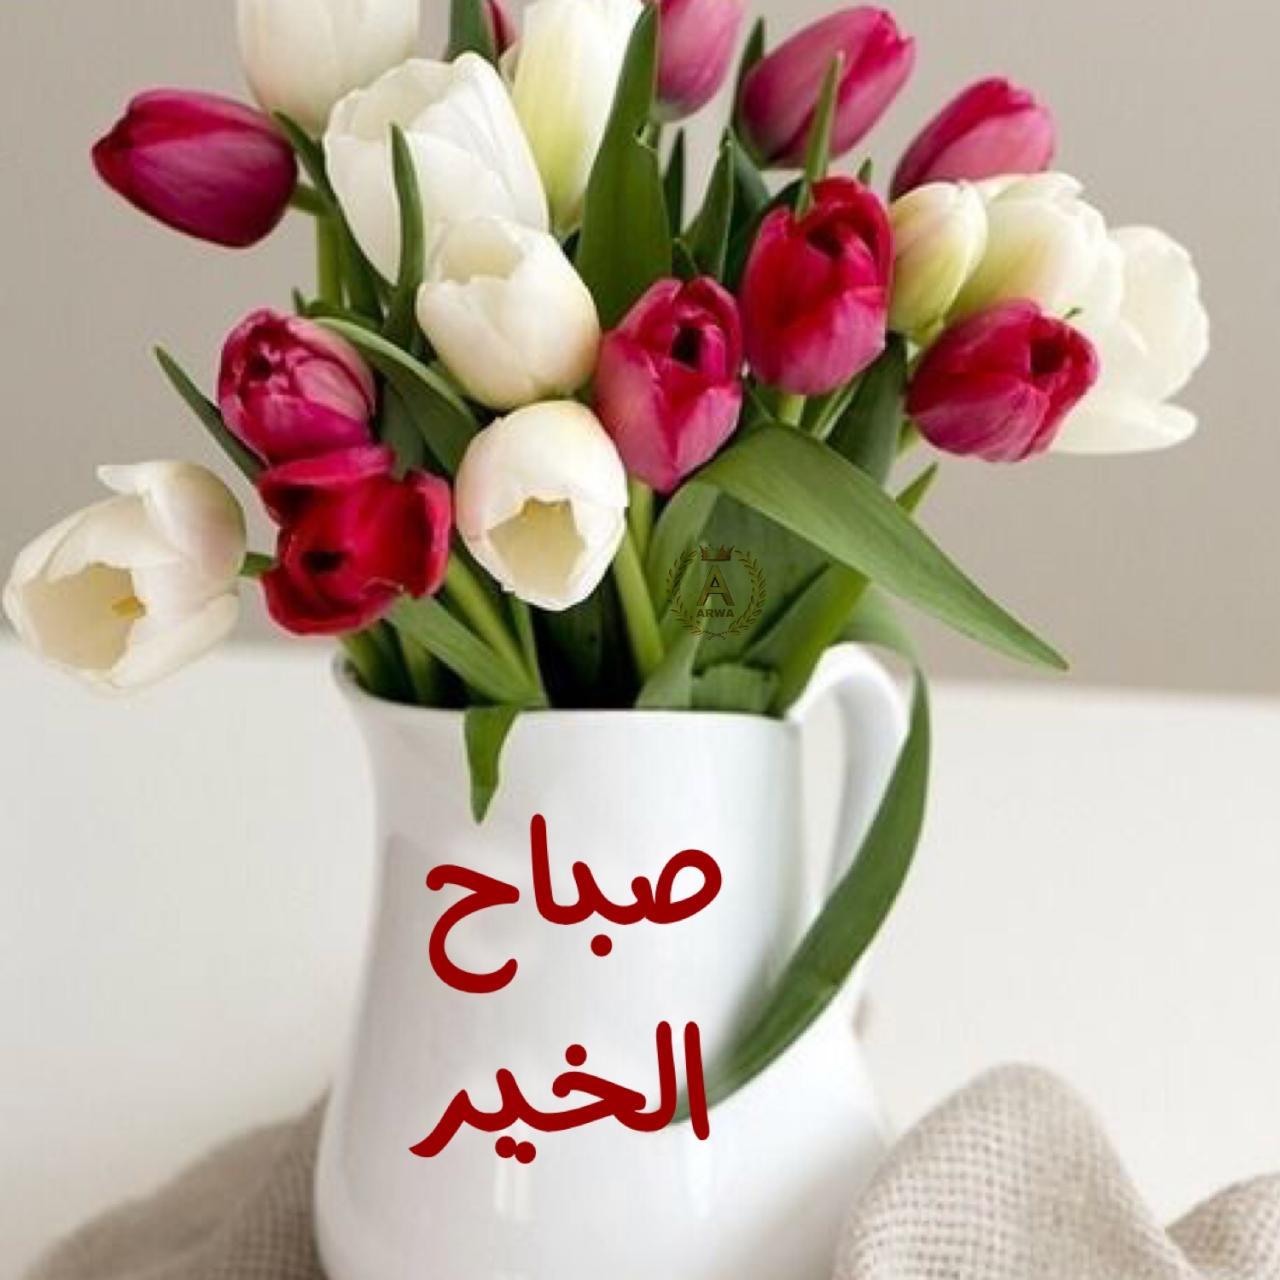 صورة صوري صباح الخير , تحيات صباحية مكتوبة علي اجمل صور 2216 8